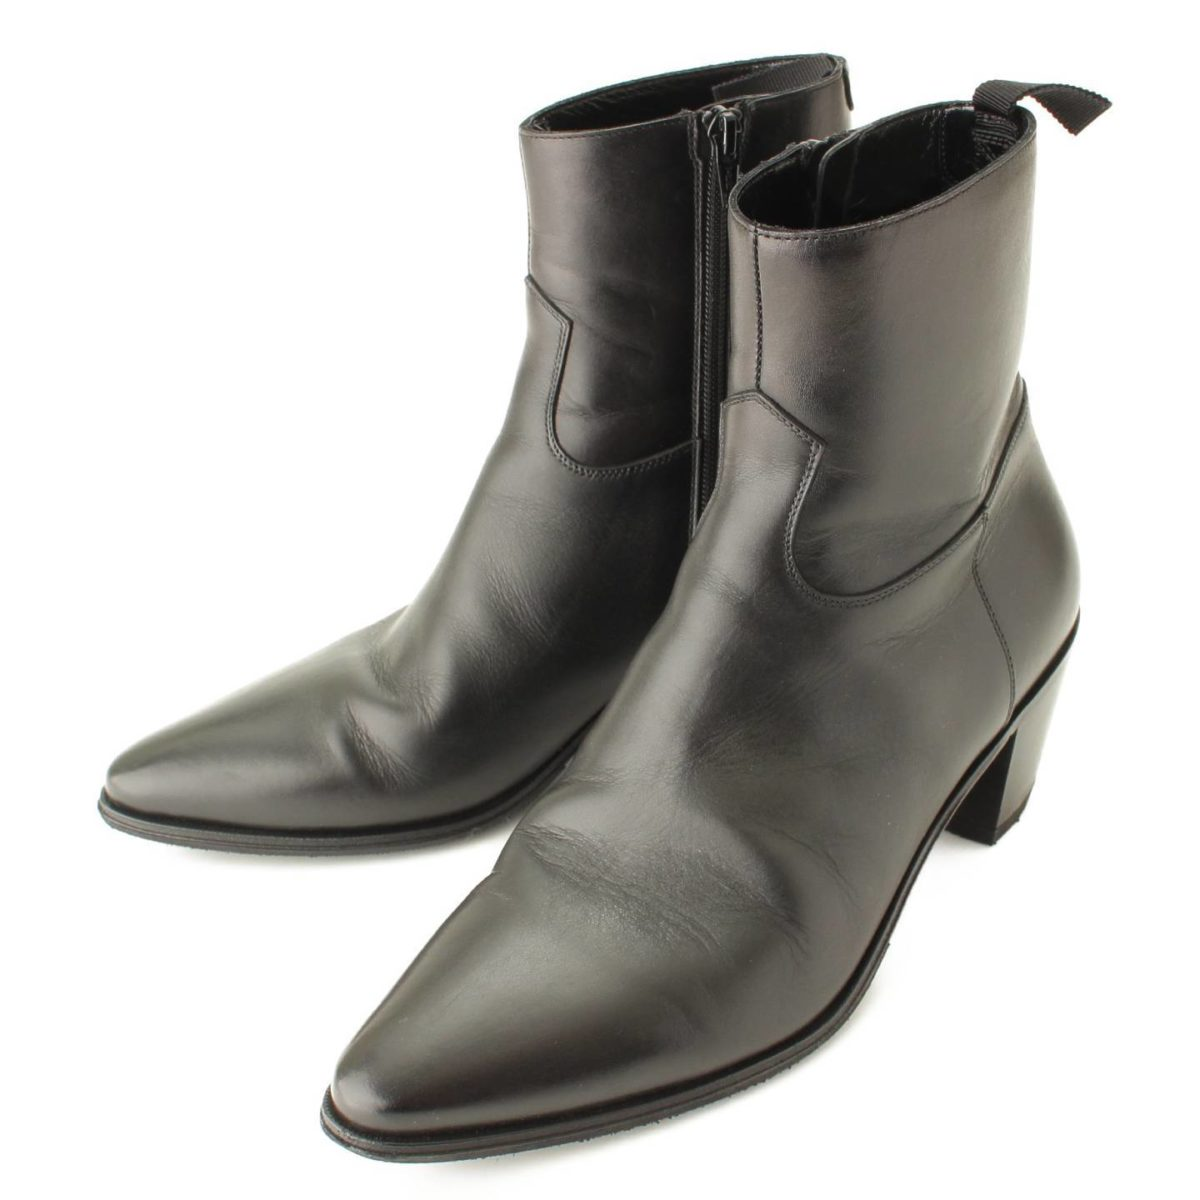 セリーヌ ジャクノ シャイニーカーフスキン ブーツ ブラック